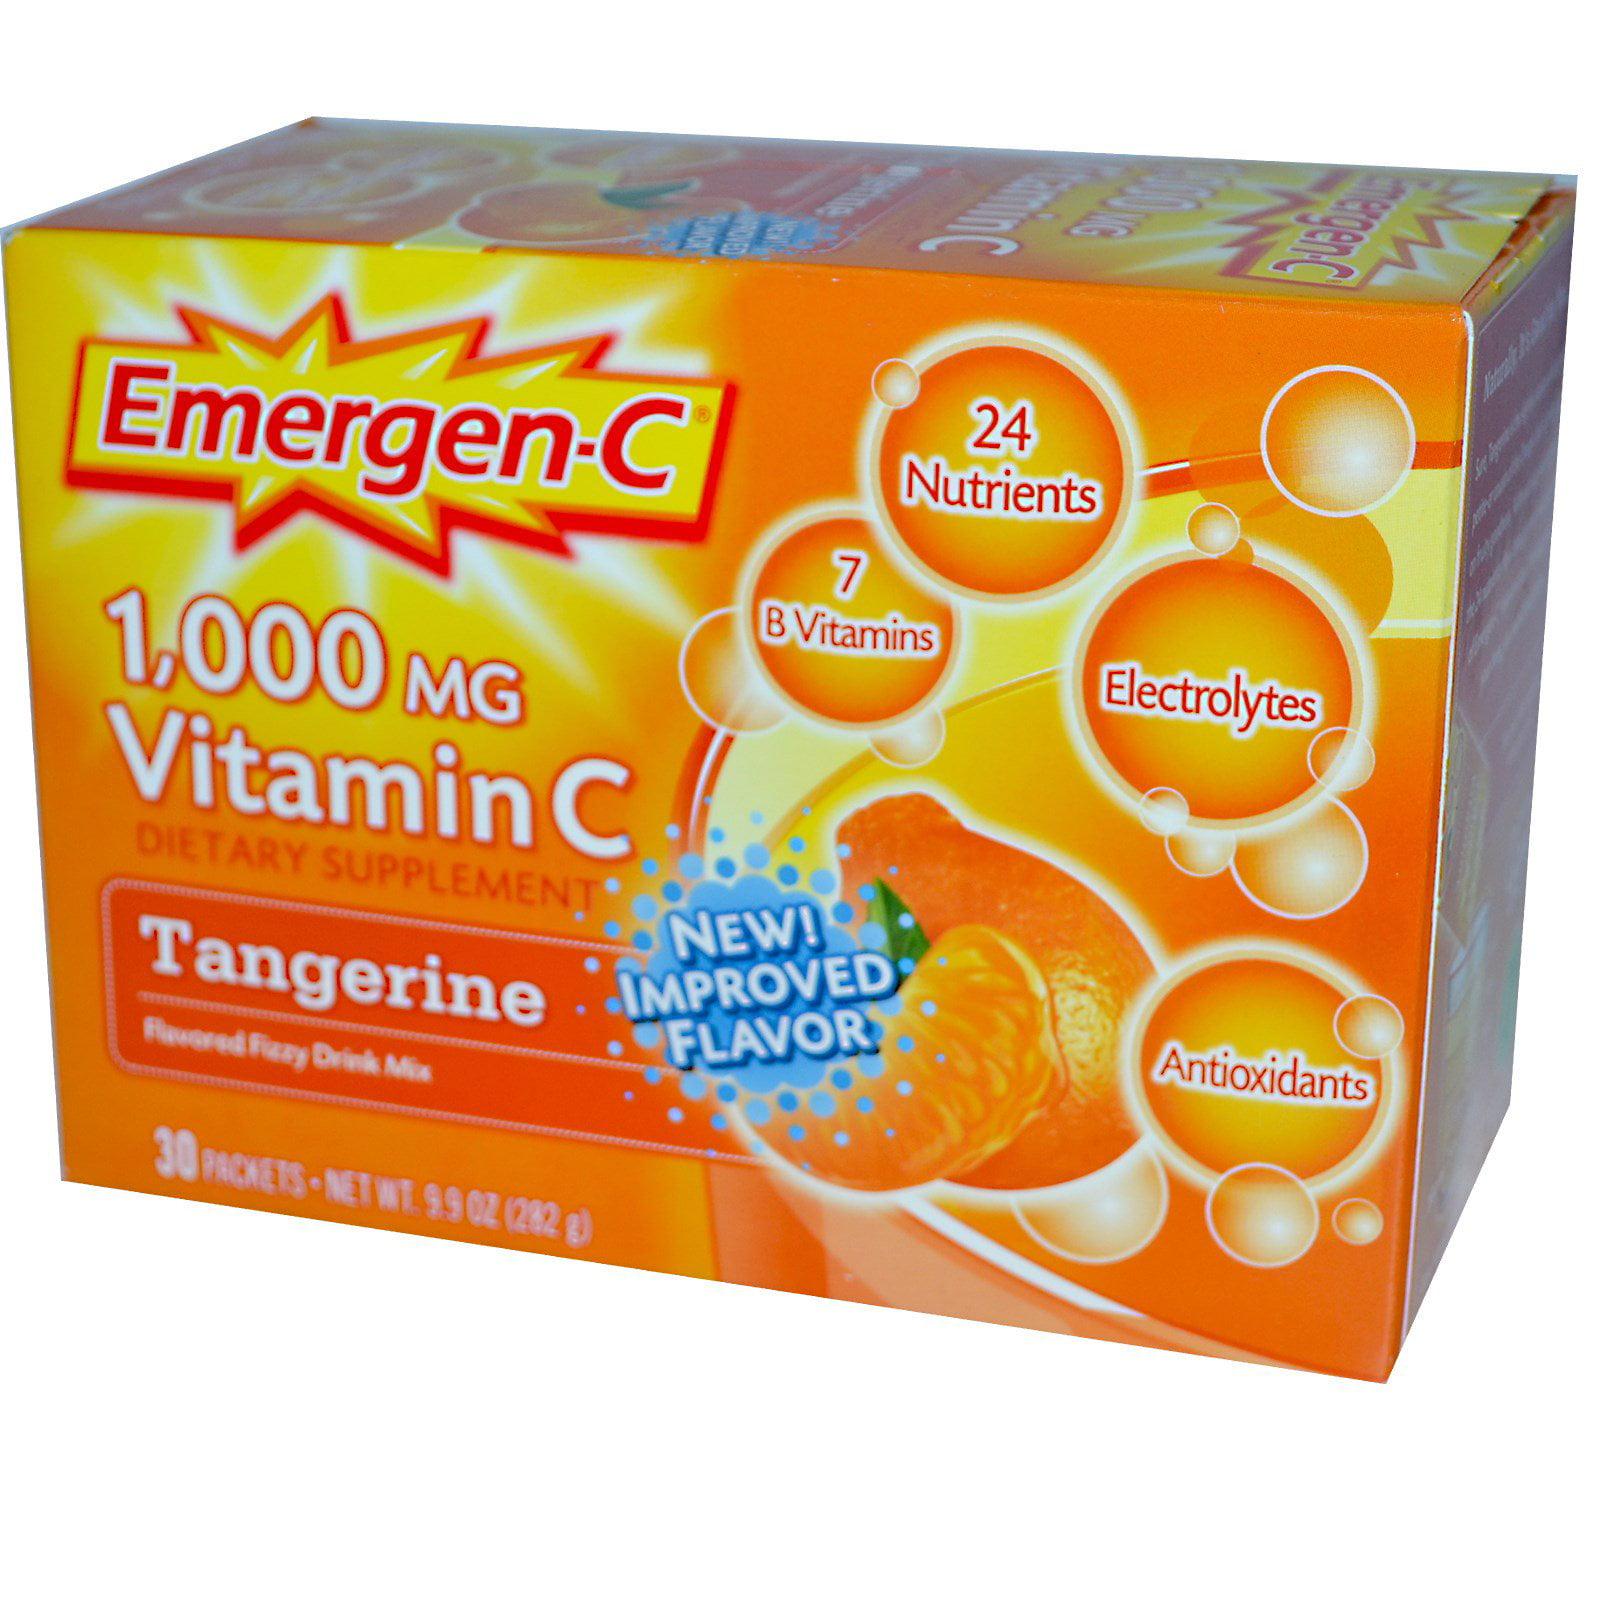 Emergen C Vitamin Supplements